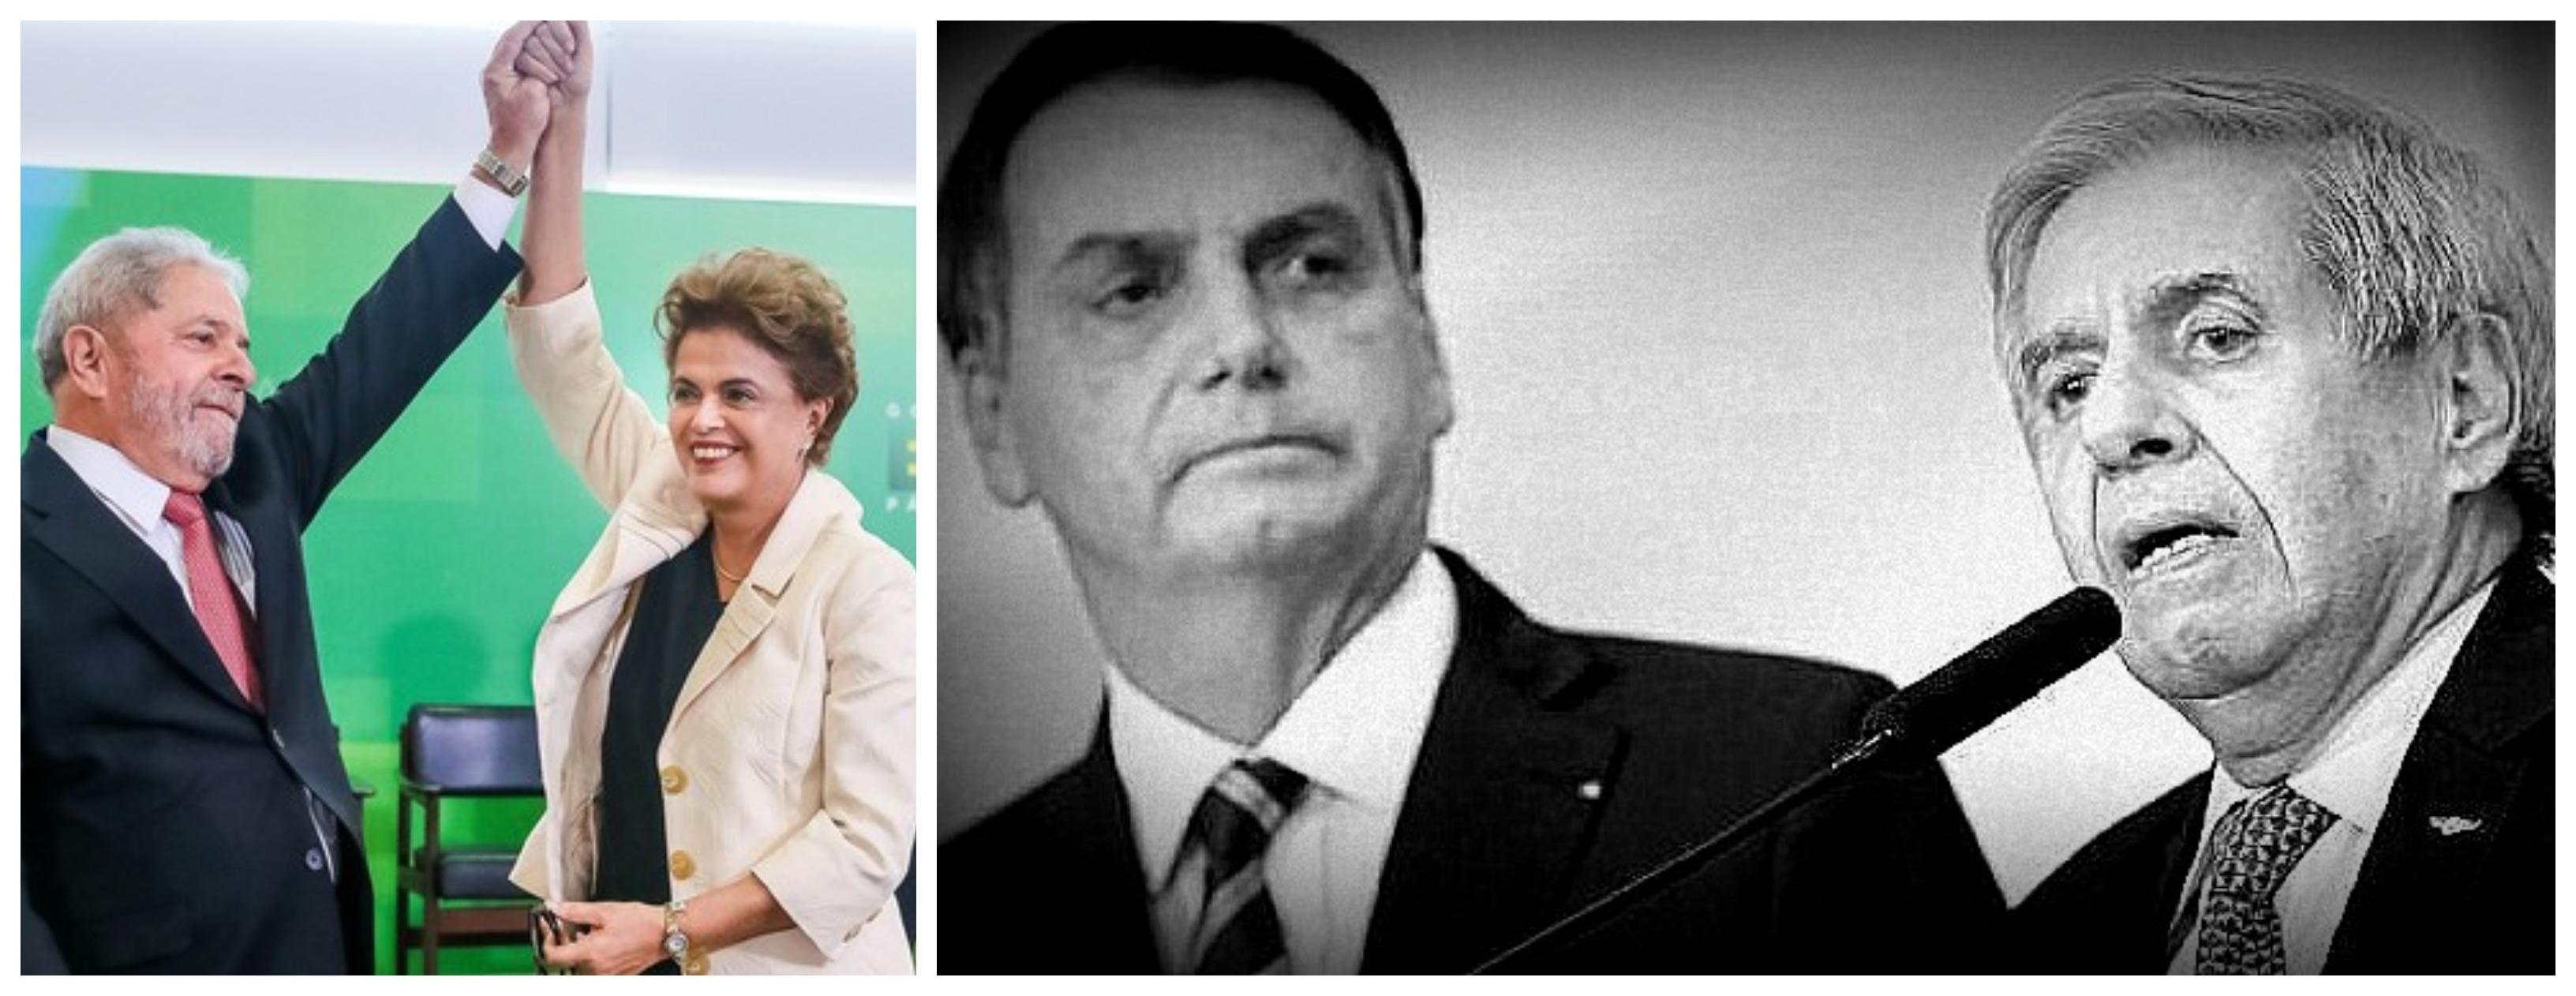 Hugo Melo: Golpista festejou divulgação de grampo ilegal de Dilma e Lula, agora ameaça democracia por celular de Bolsonaro